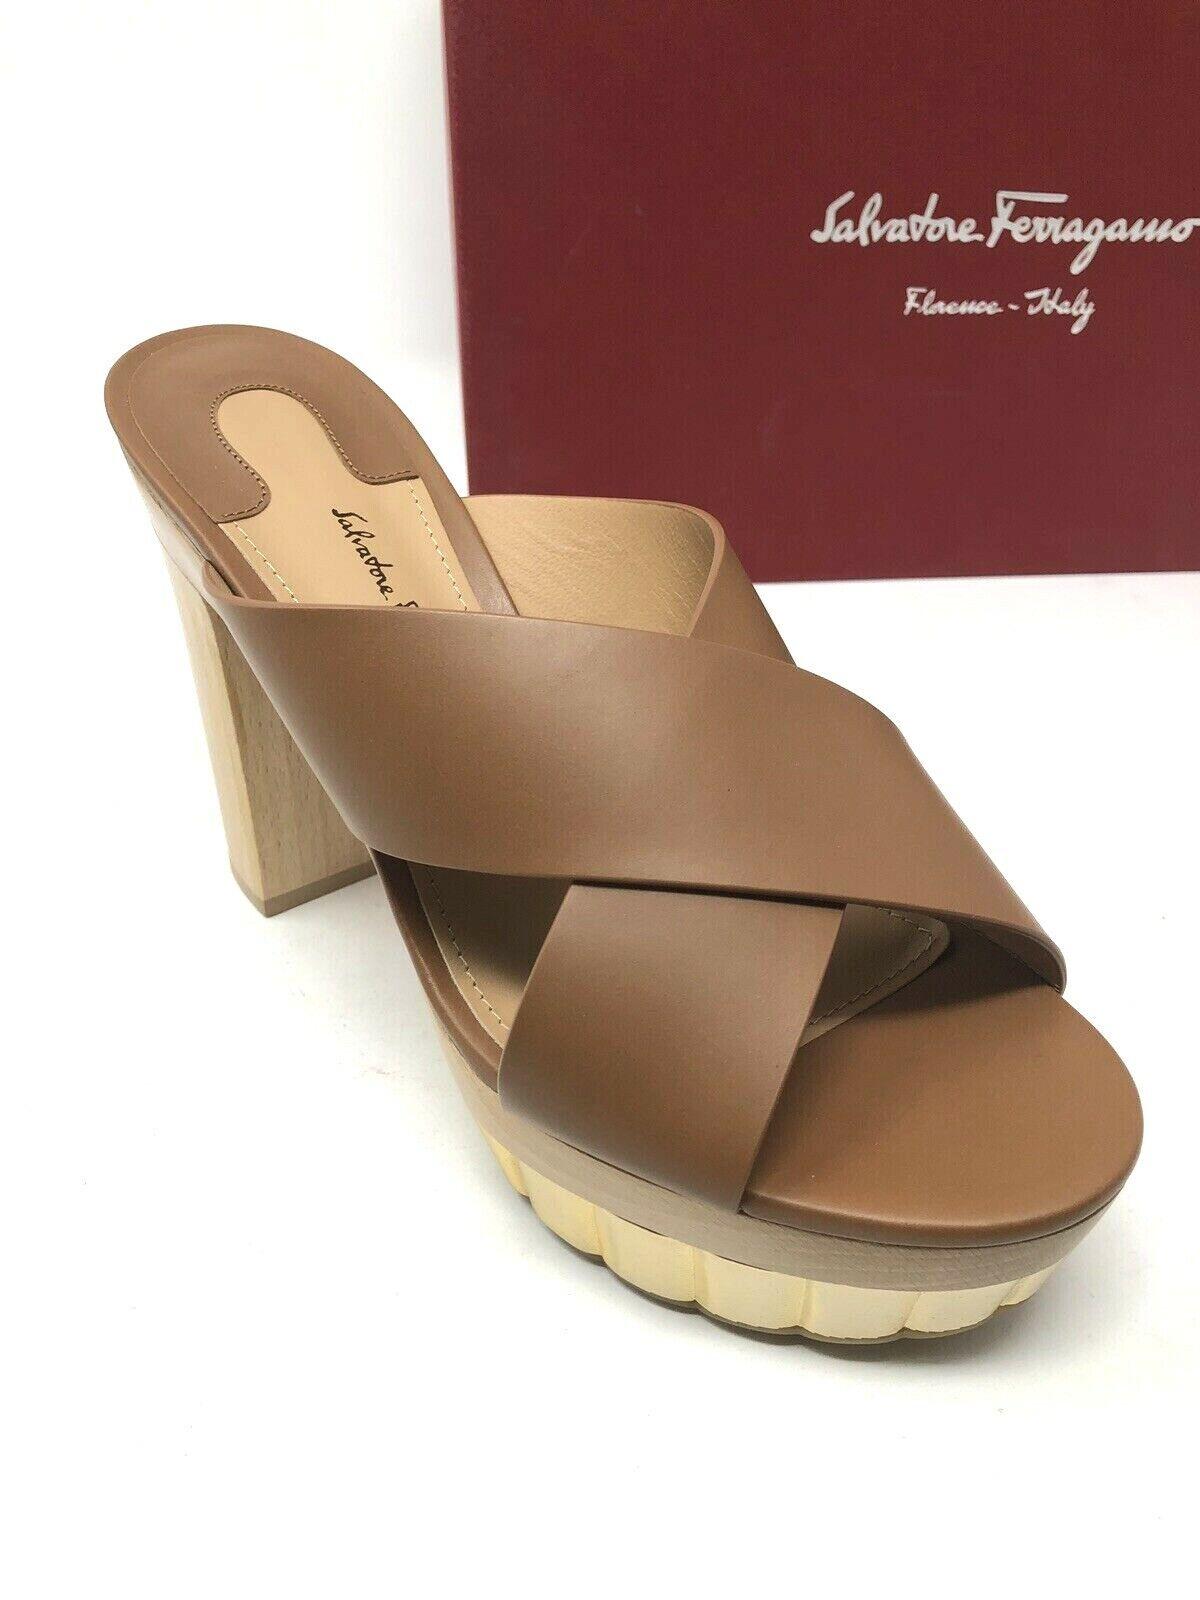 625 Nouveau Salvatore FERRAGAMO pour pour pour femme Marron Sandales Plateforme Chaussures Femme Taille 6.5 f04d39